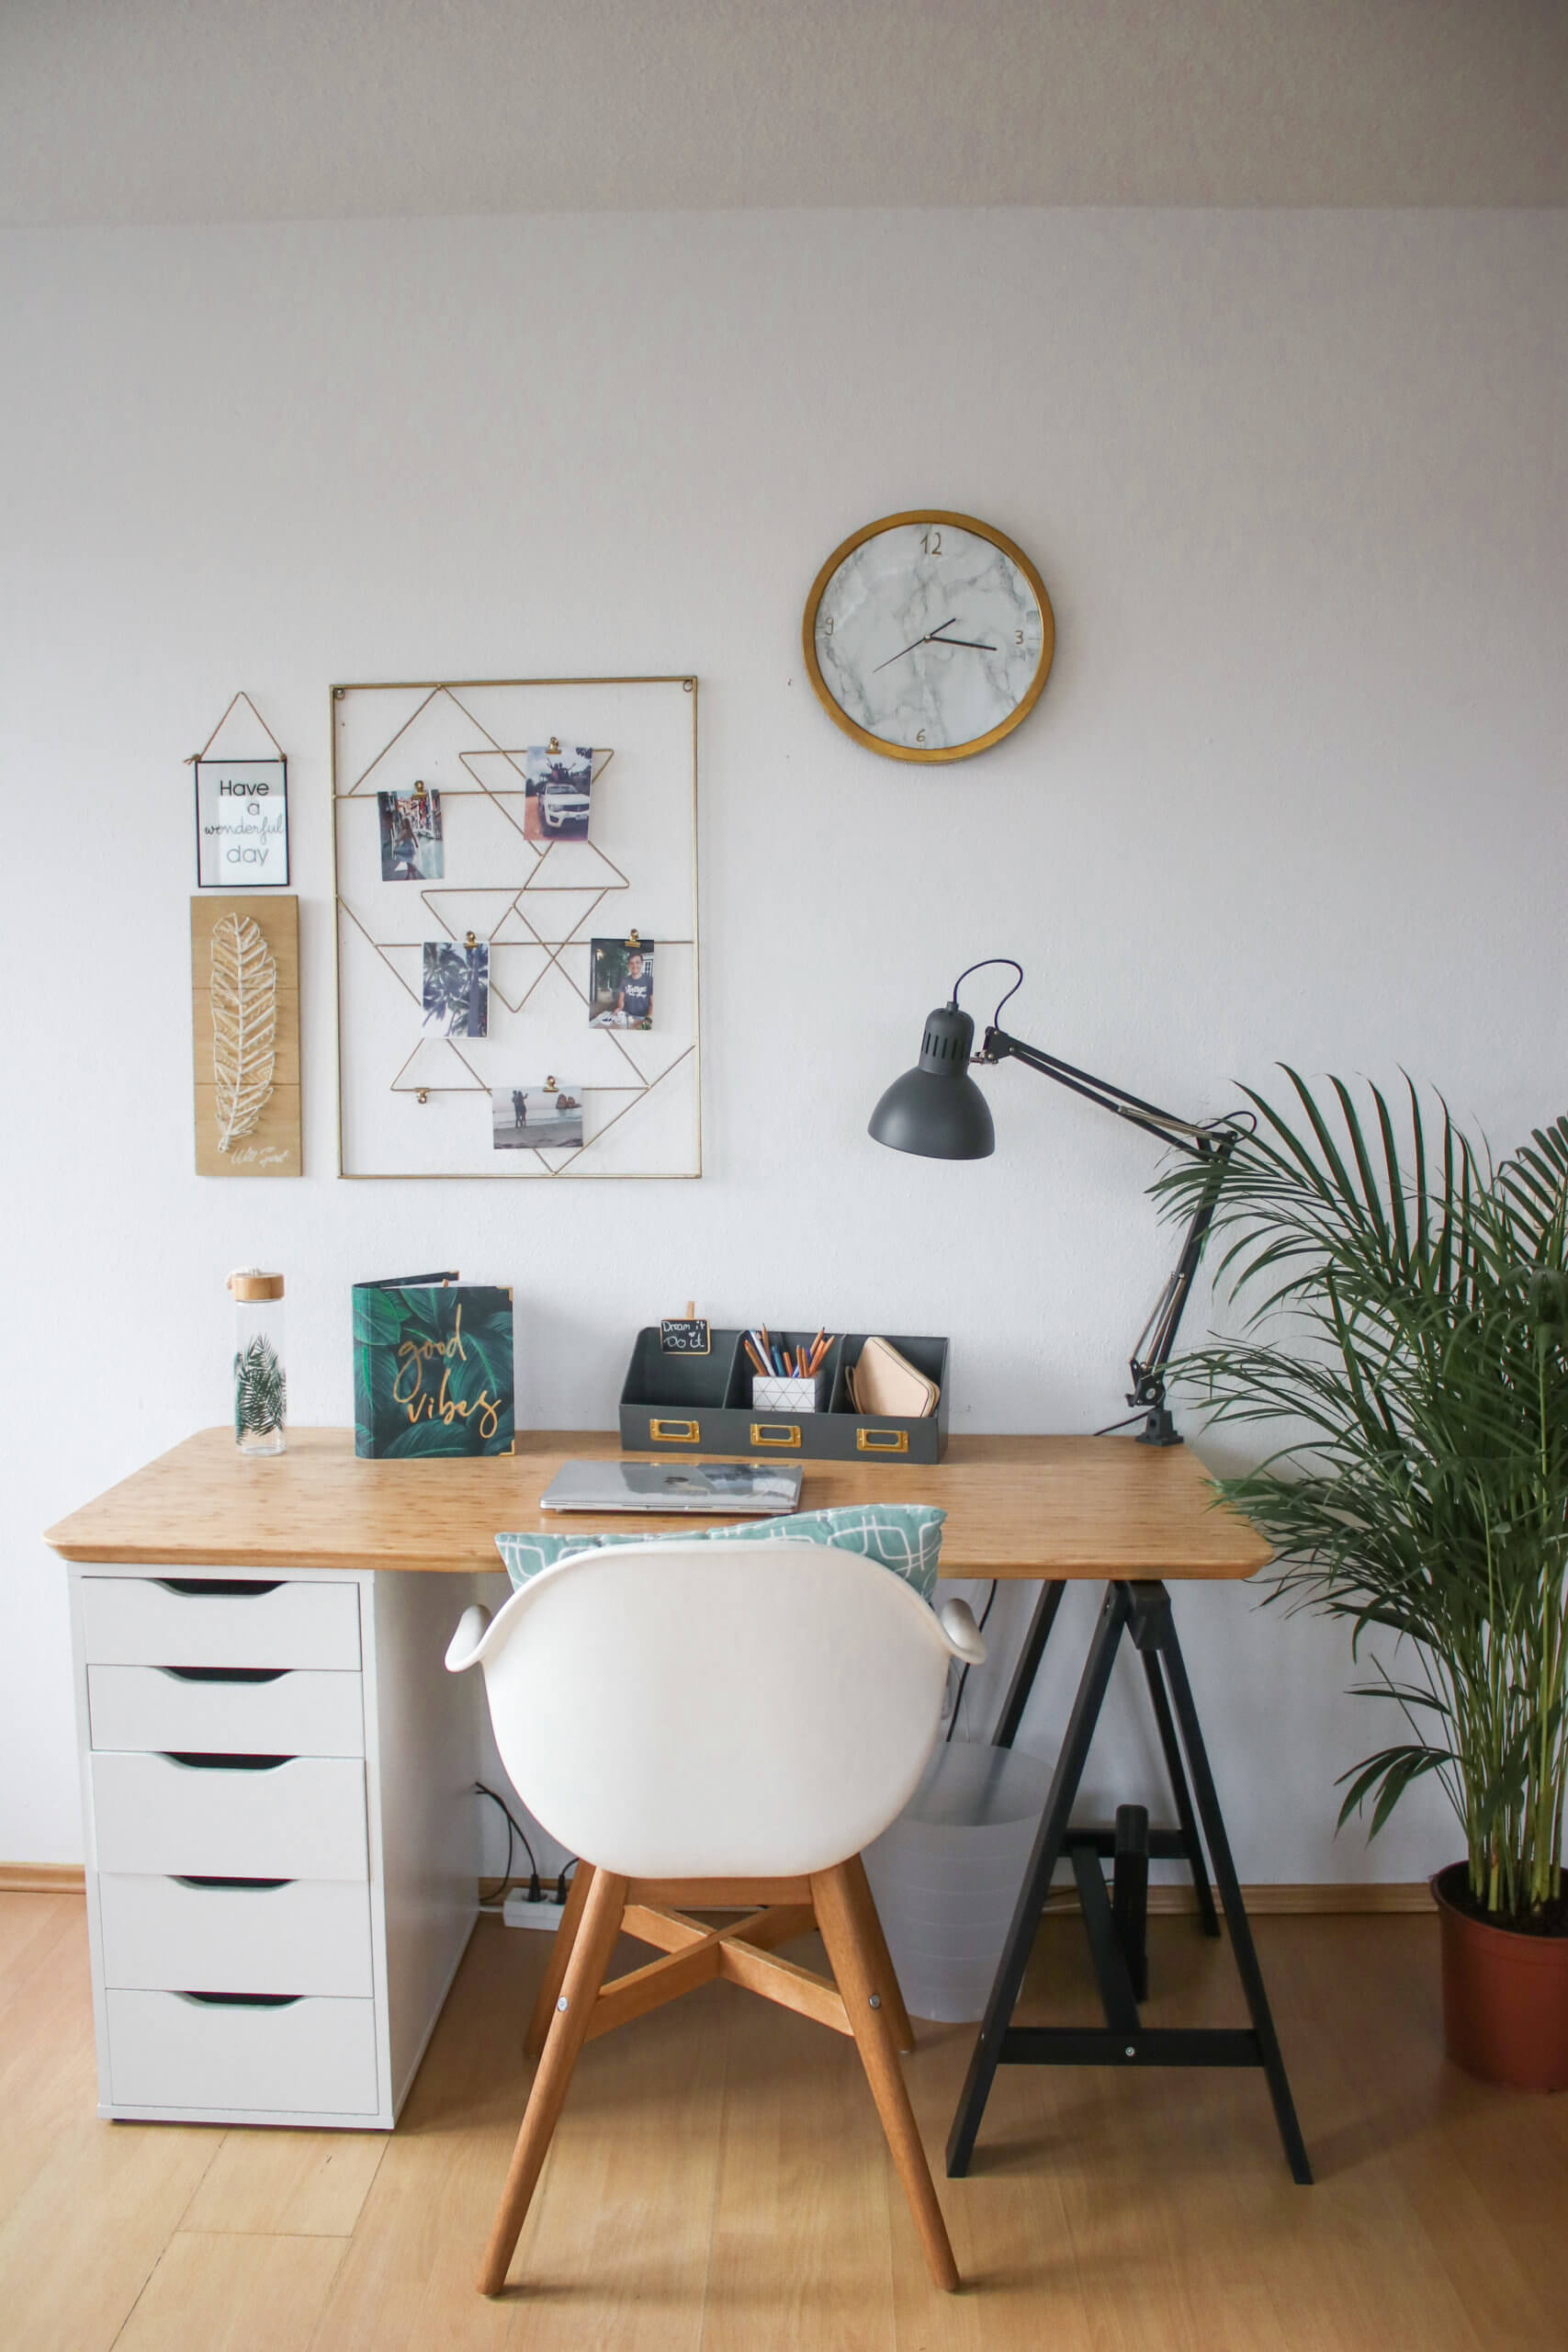 Schreibtisch Diy Idee Um Einen Ikea Schreibtisch Selber Zu Bauen Whitelilystyle